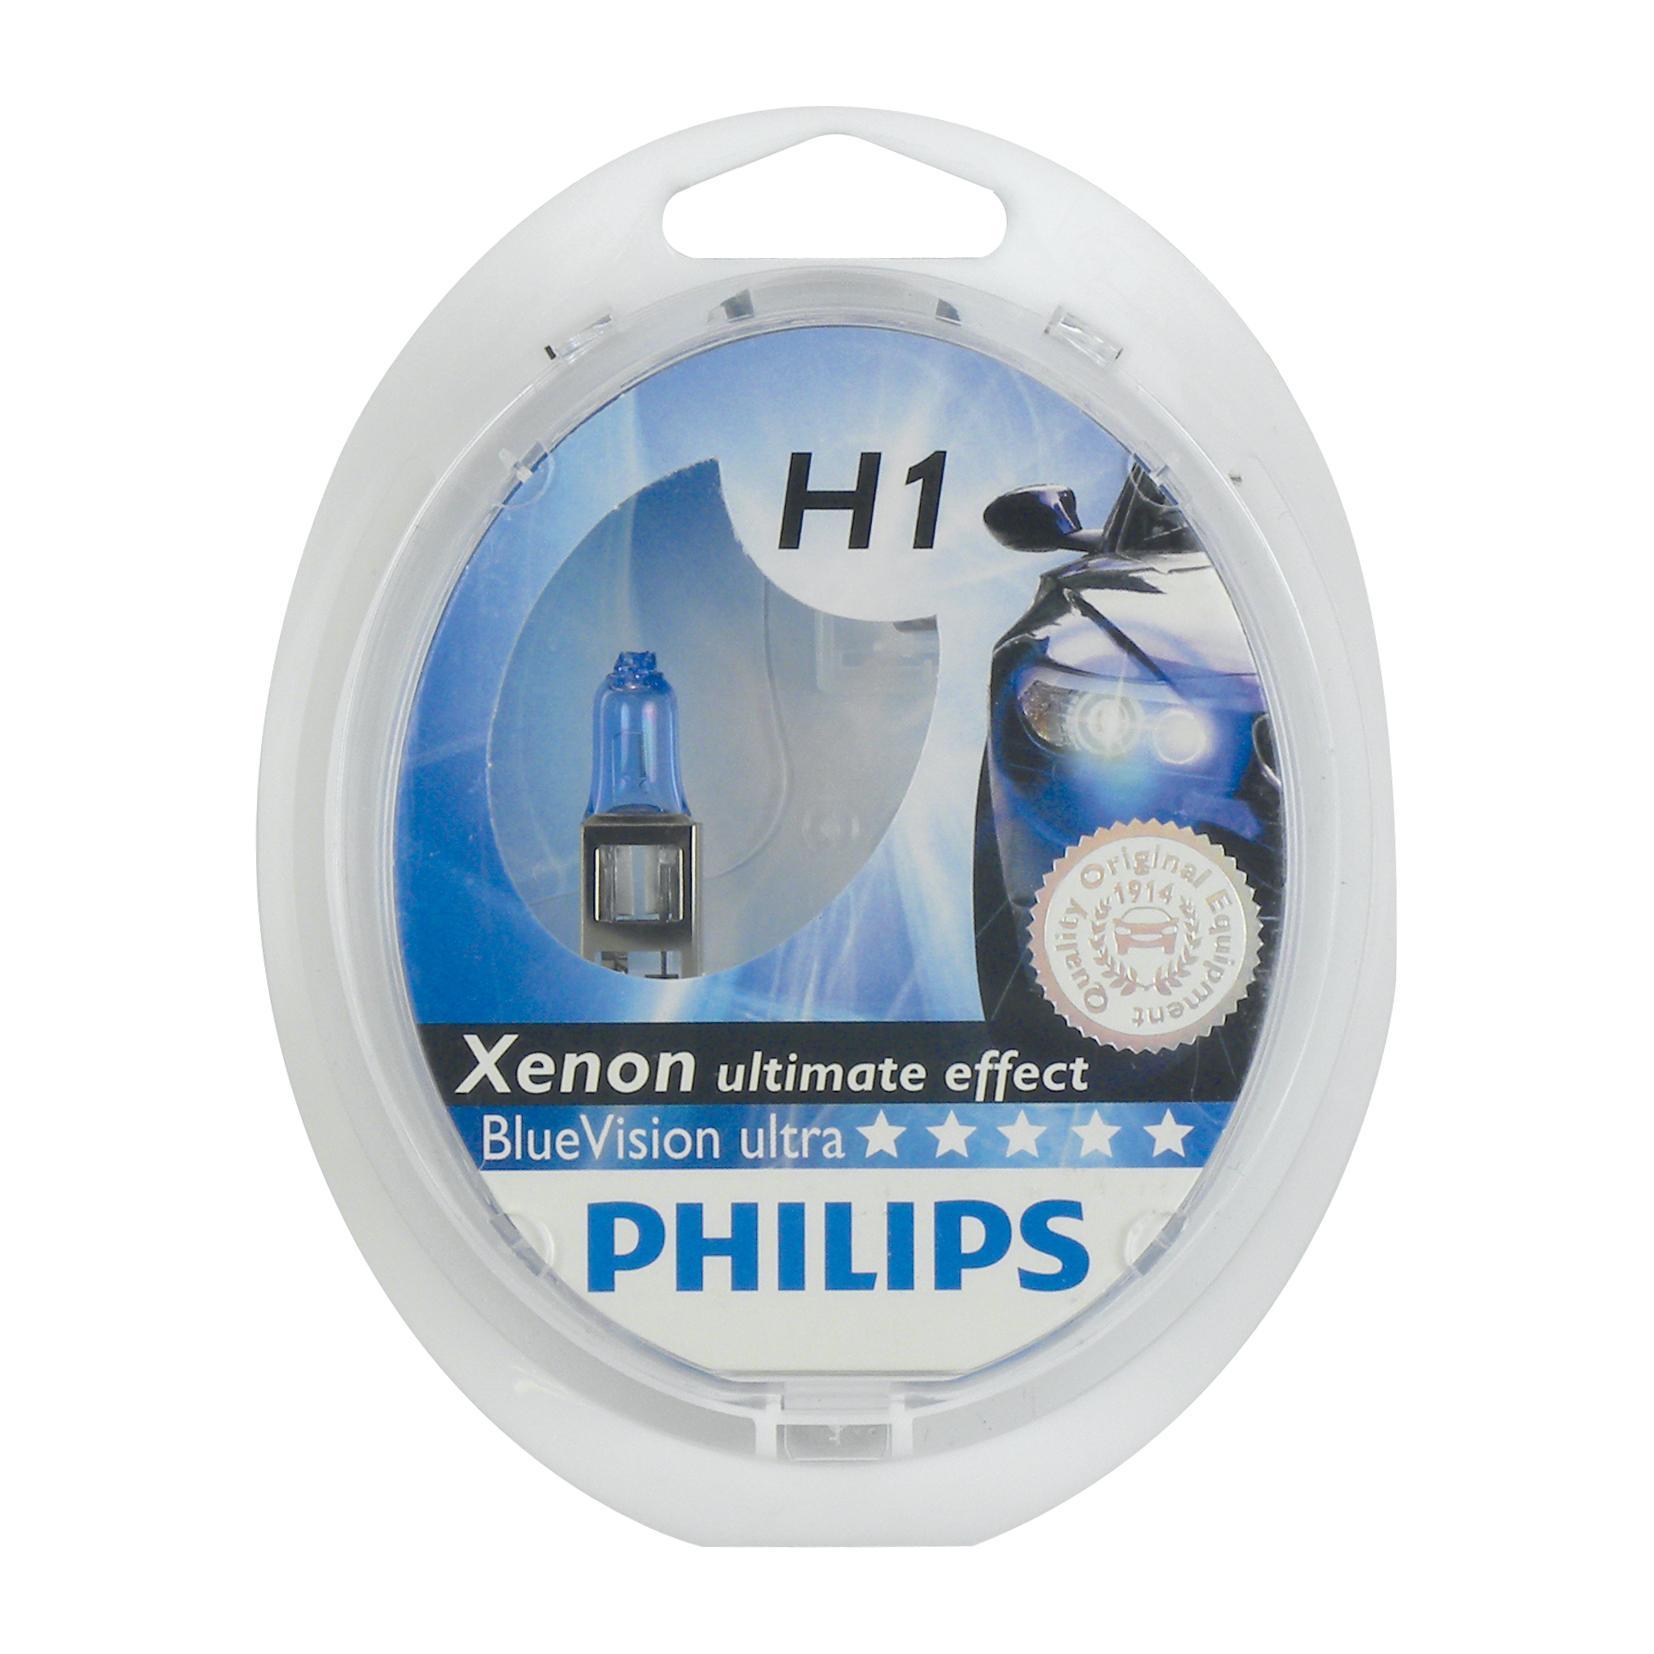 ampoule voiture h1 12v philips philips12258bvusm h1 218259. Black Bedroom Furniture Sets. Home Design Ideas